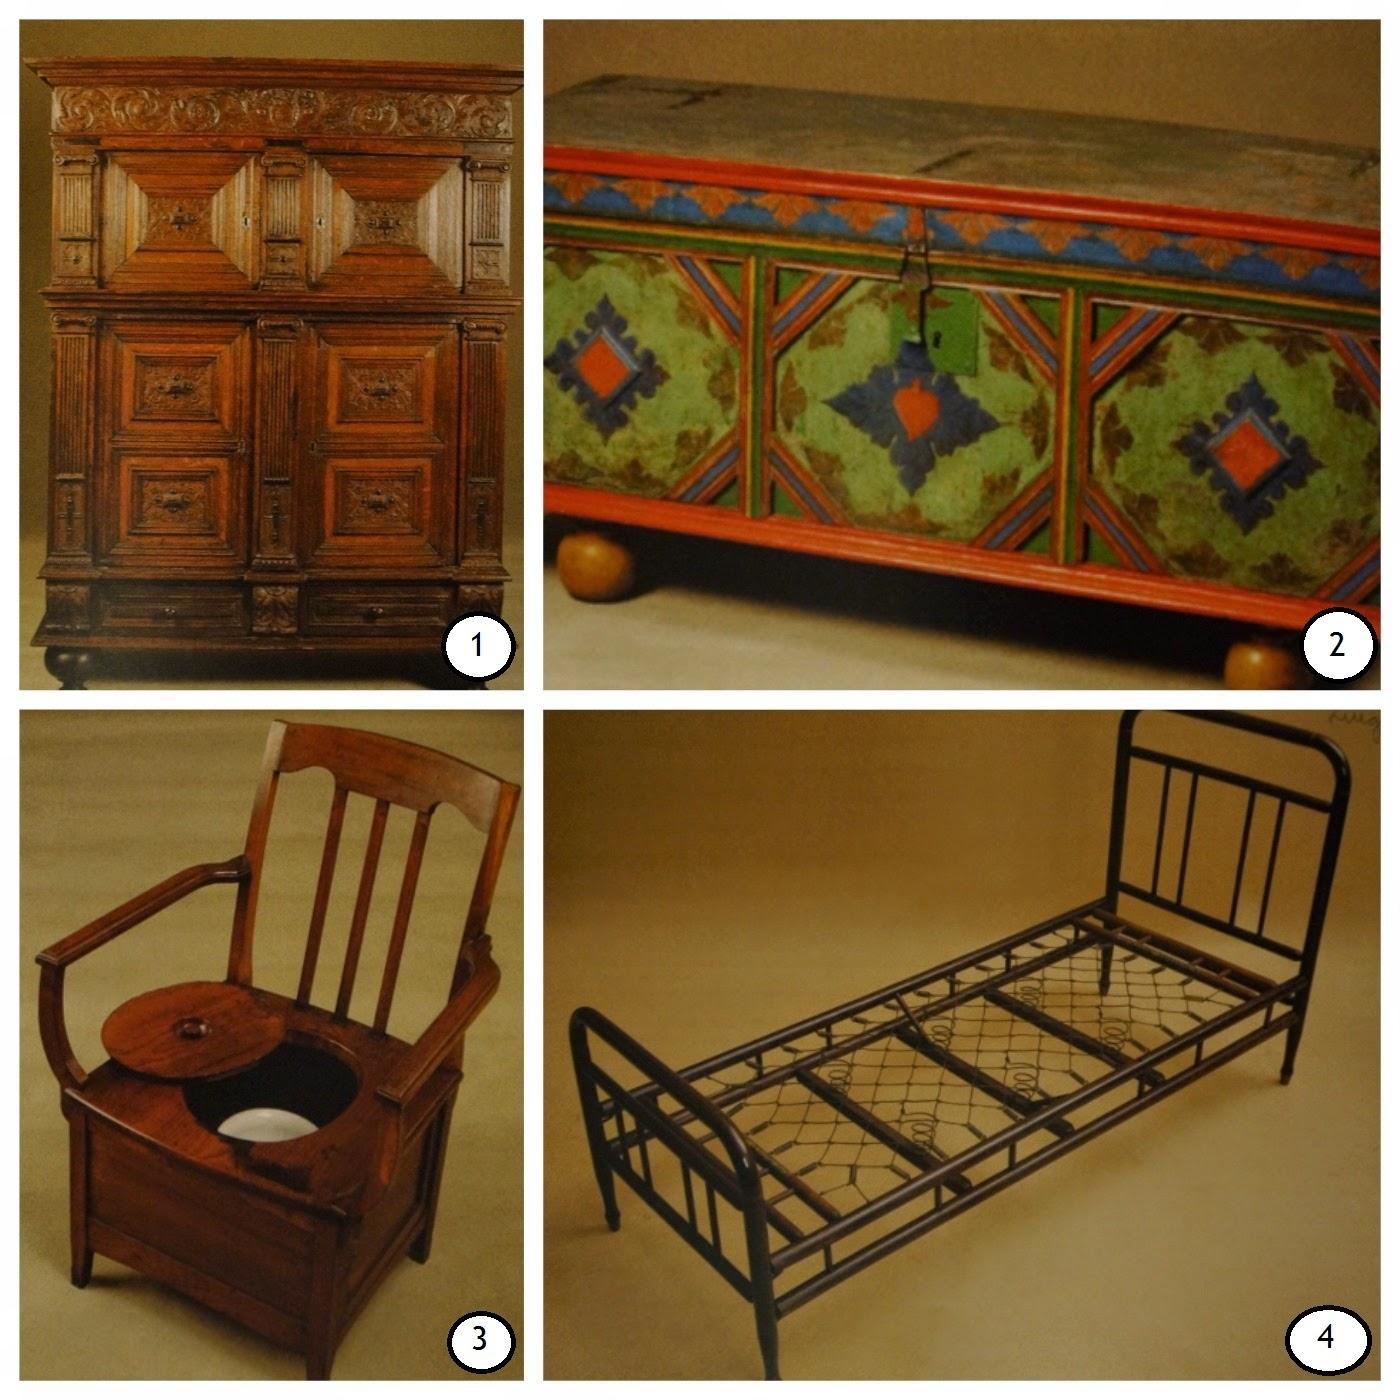 mobiliário do catálogo do Museu da Casa Brasileira